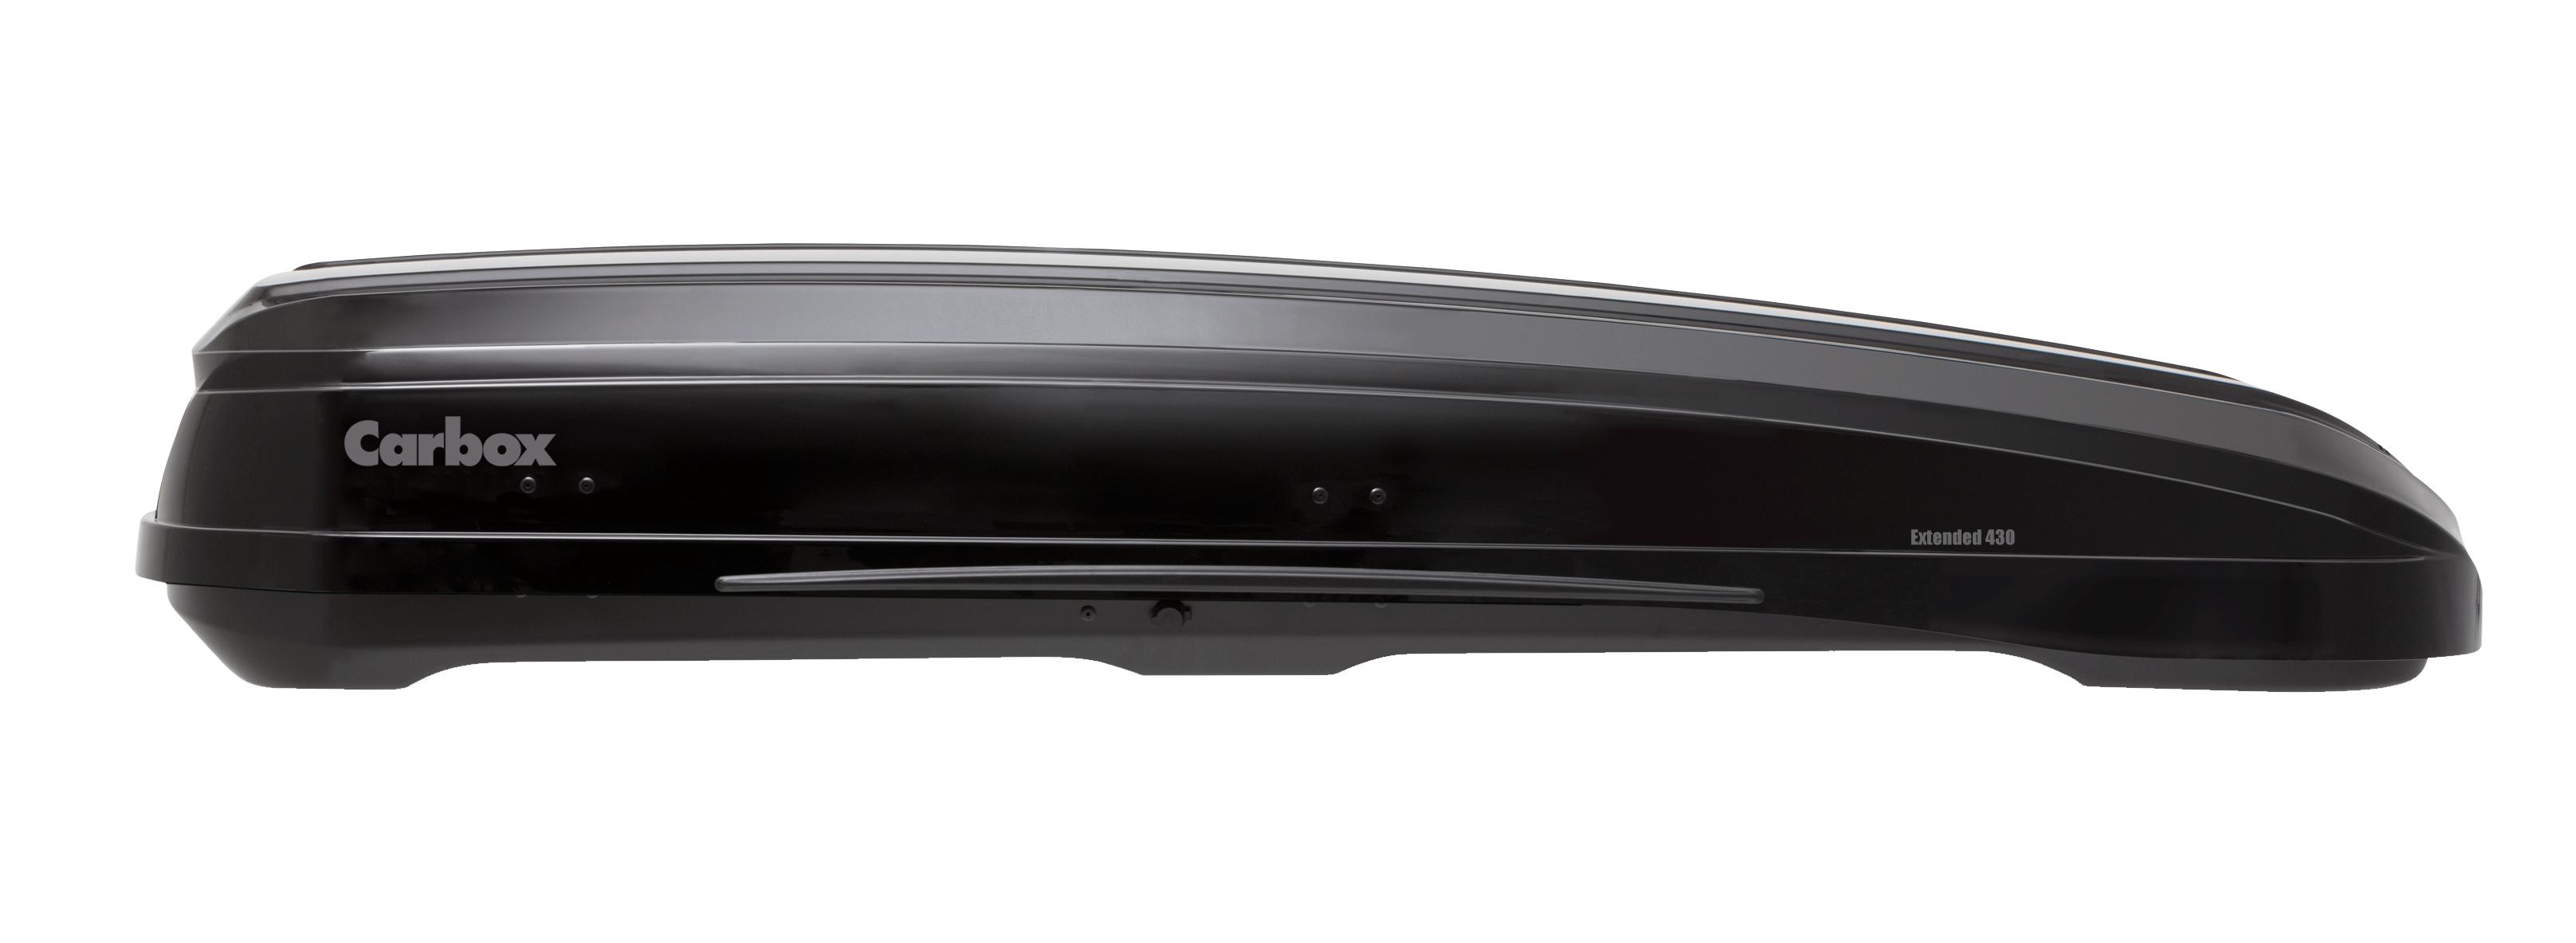 Carbox Dachbox Gepäckbox H20 hochglanzschwarz mit Befestigung QG2.0